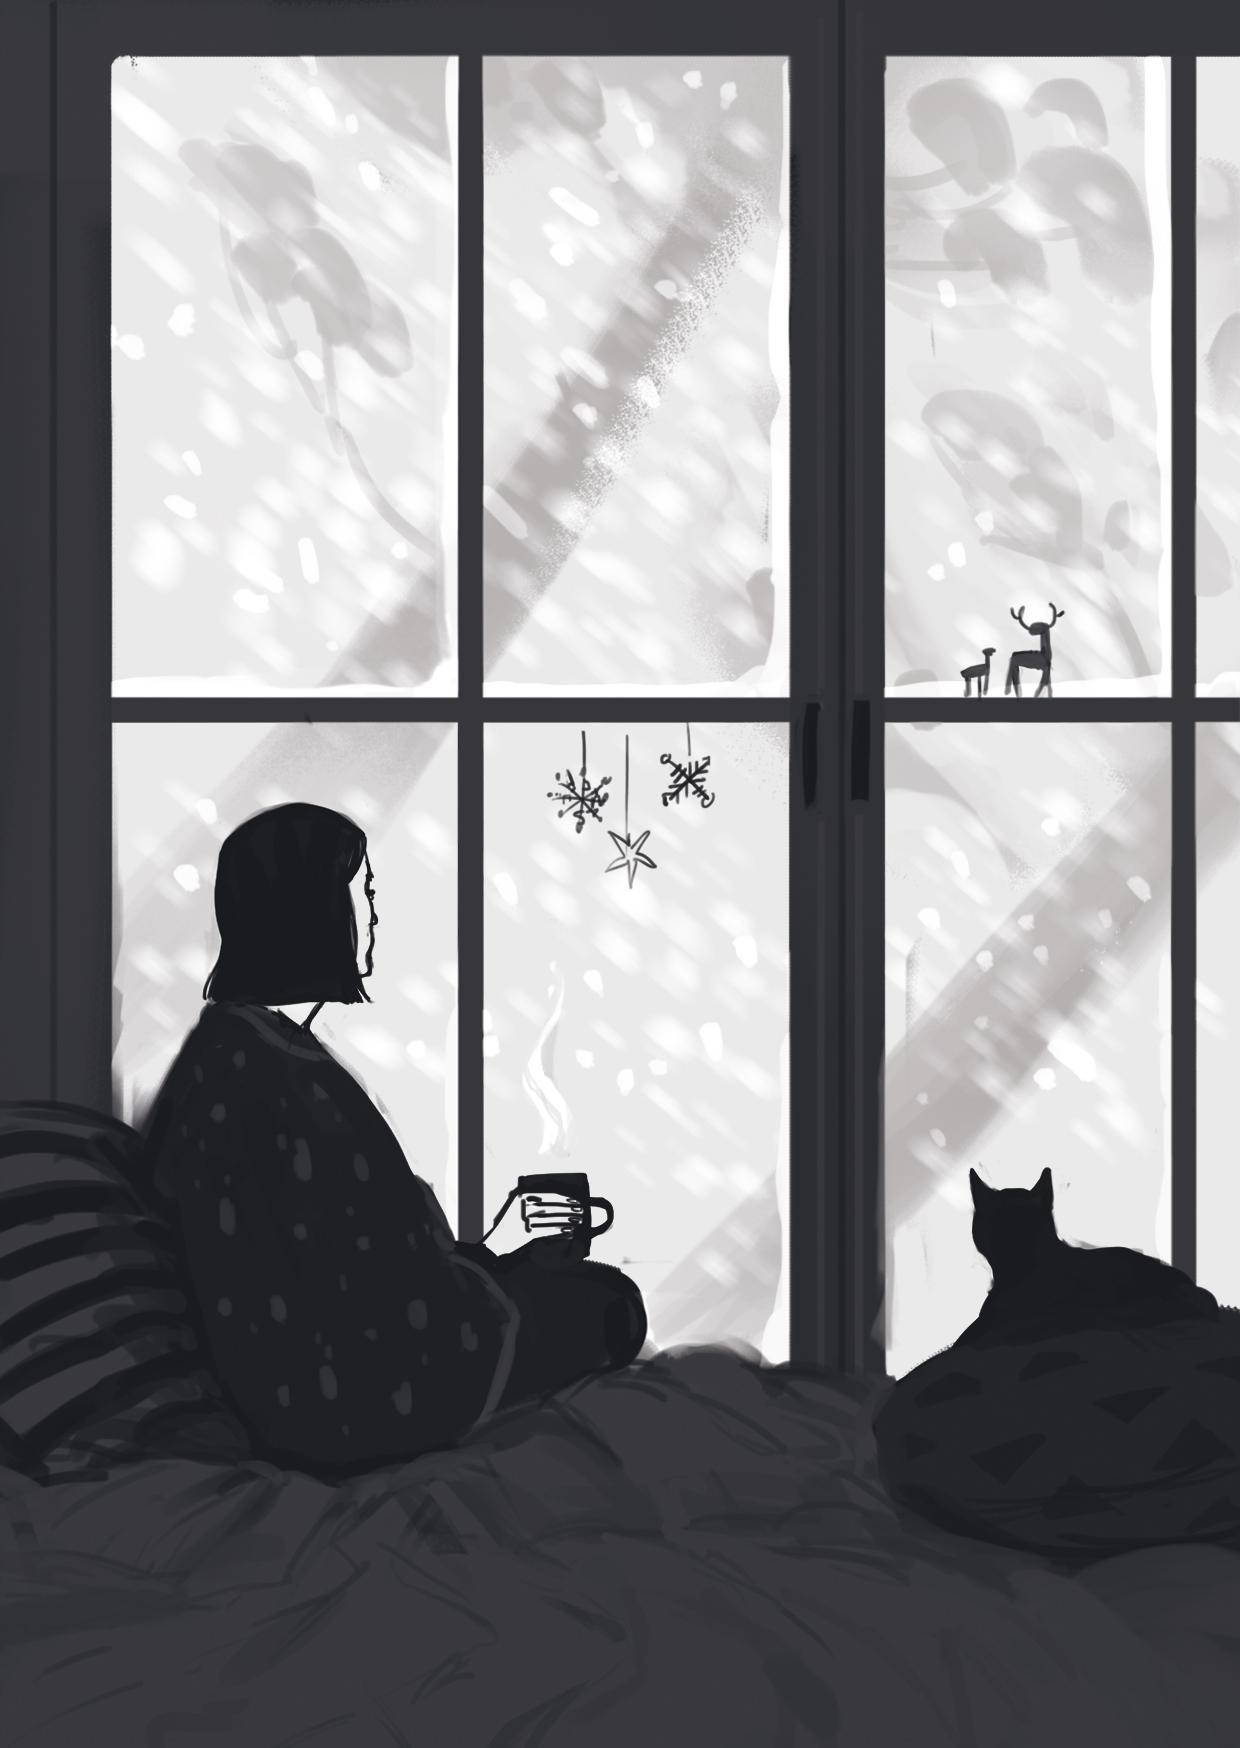 Frau trinkt Tee am Fenster vor einem Schneesturm